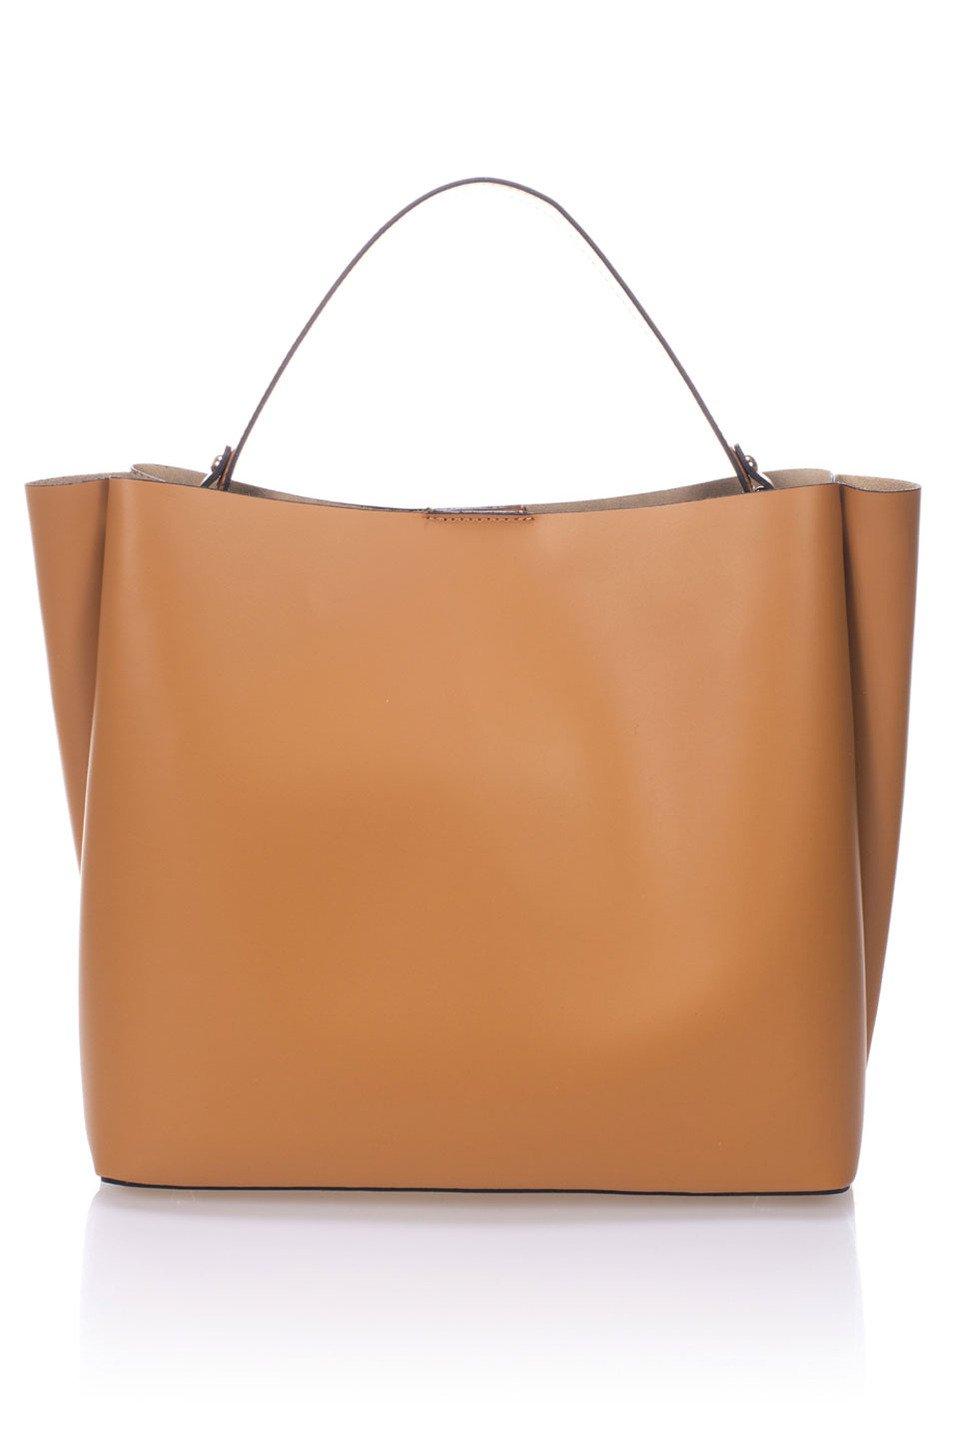 Caitlin Handbag in Cognac